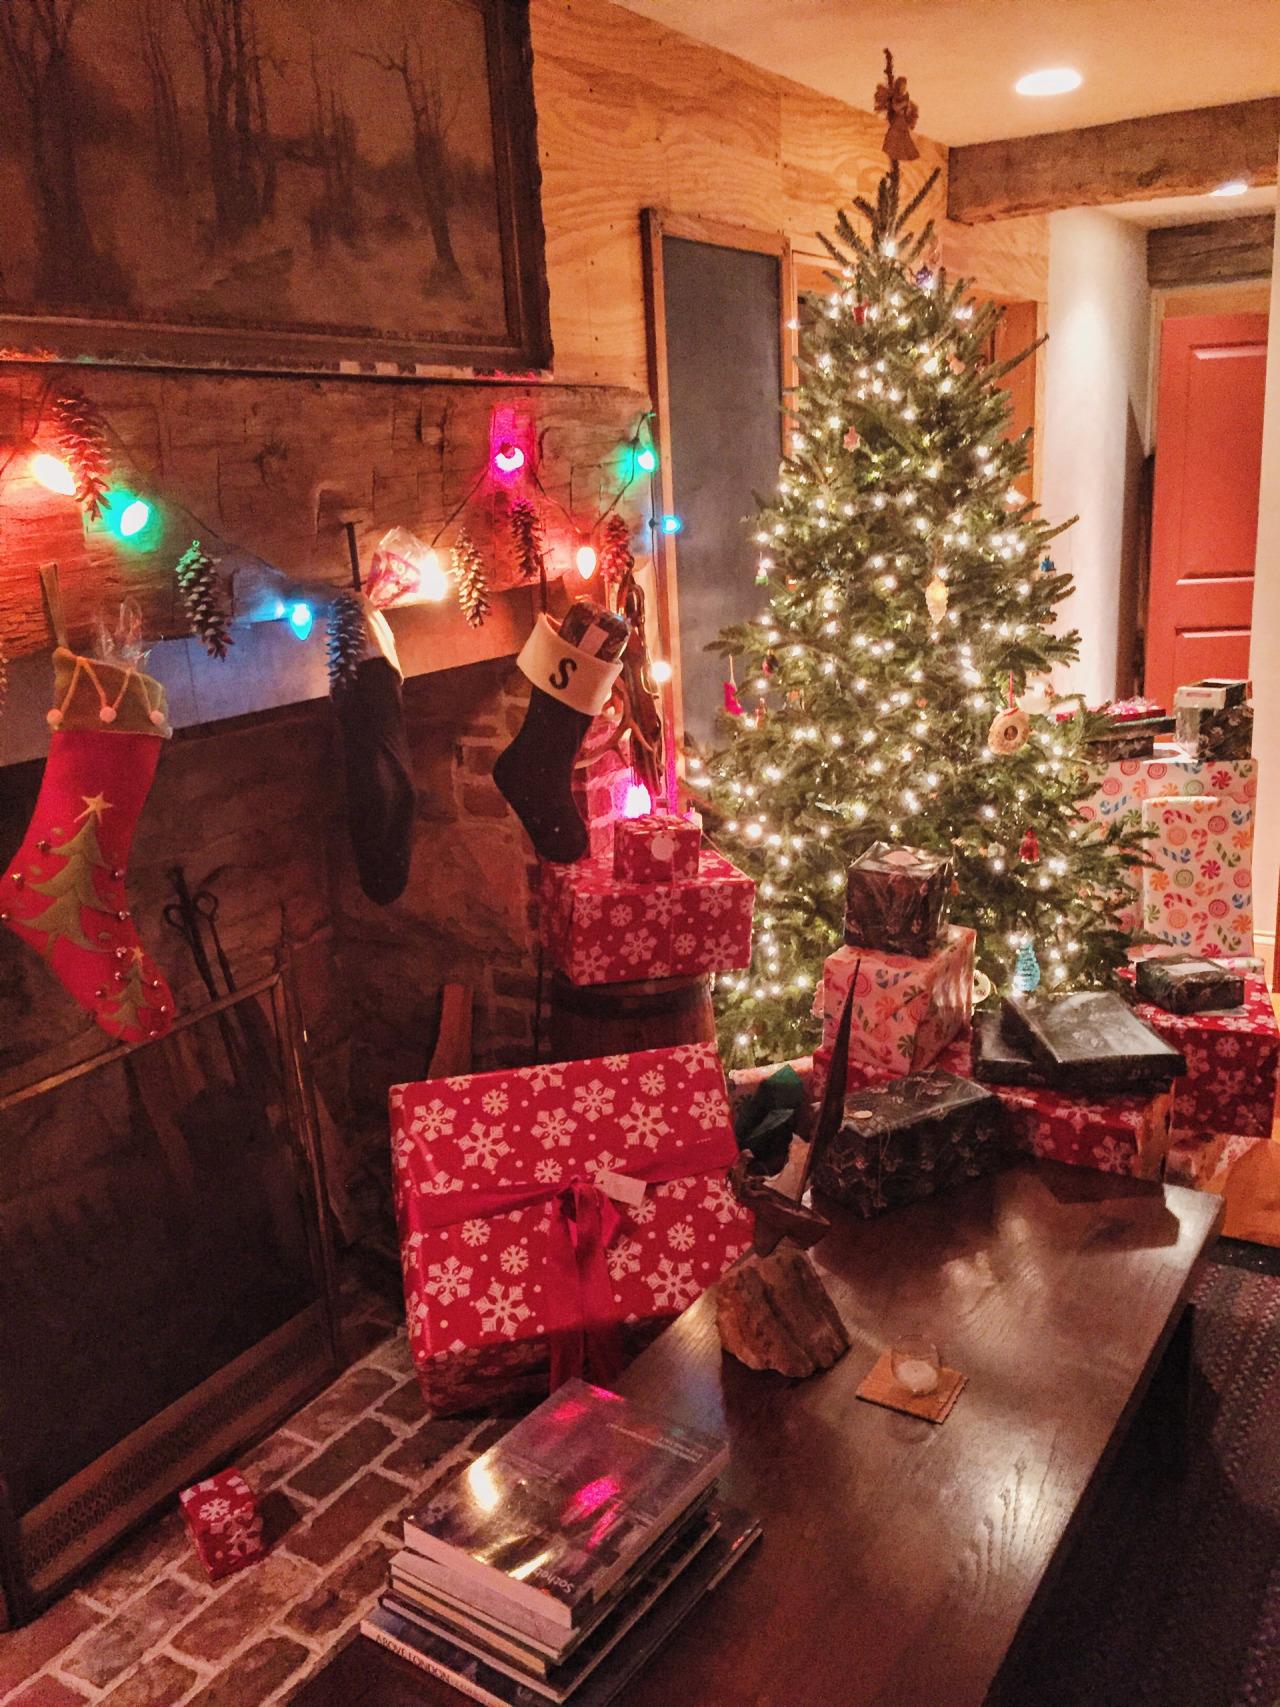 Santa done real good.